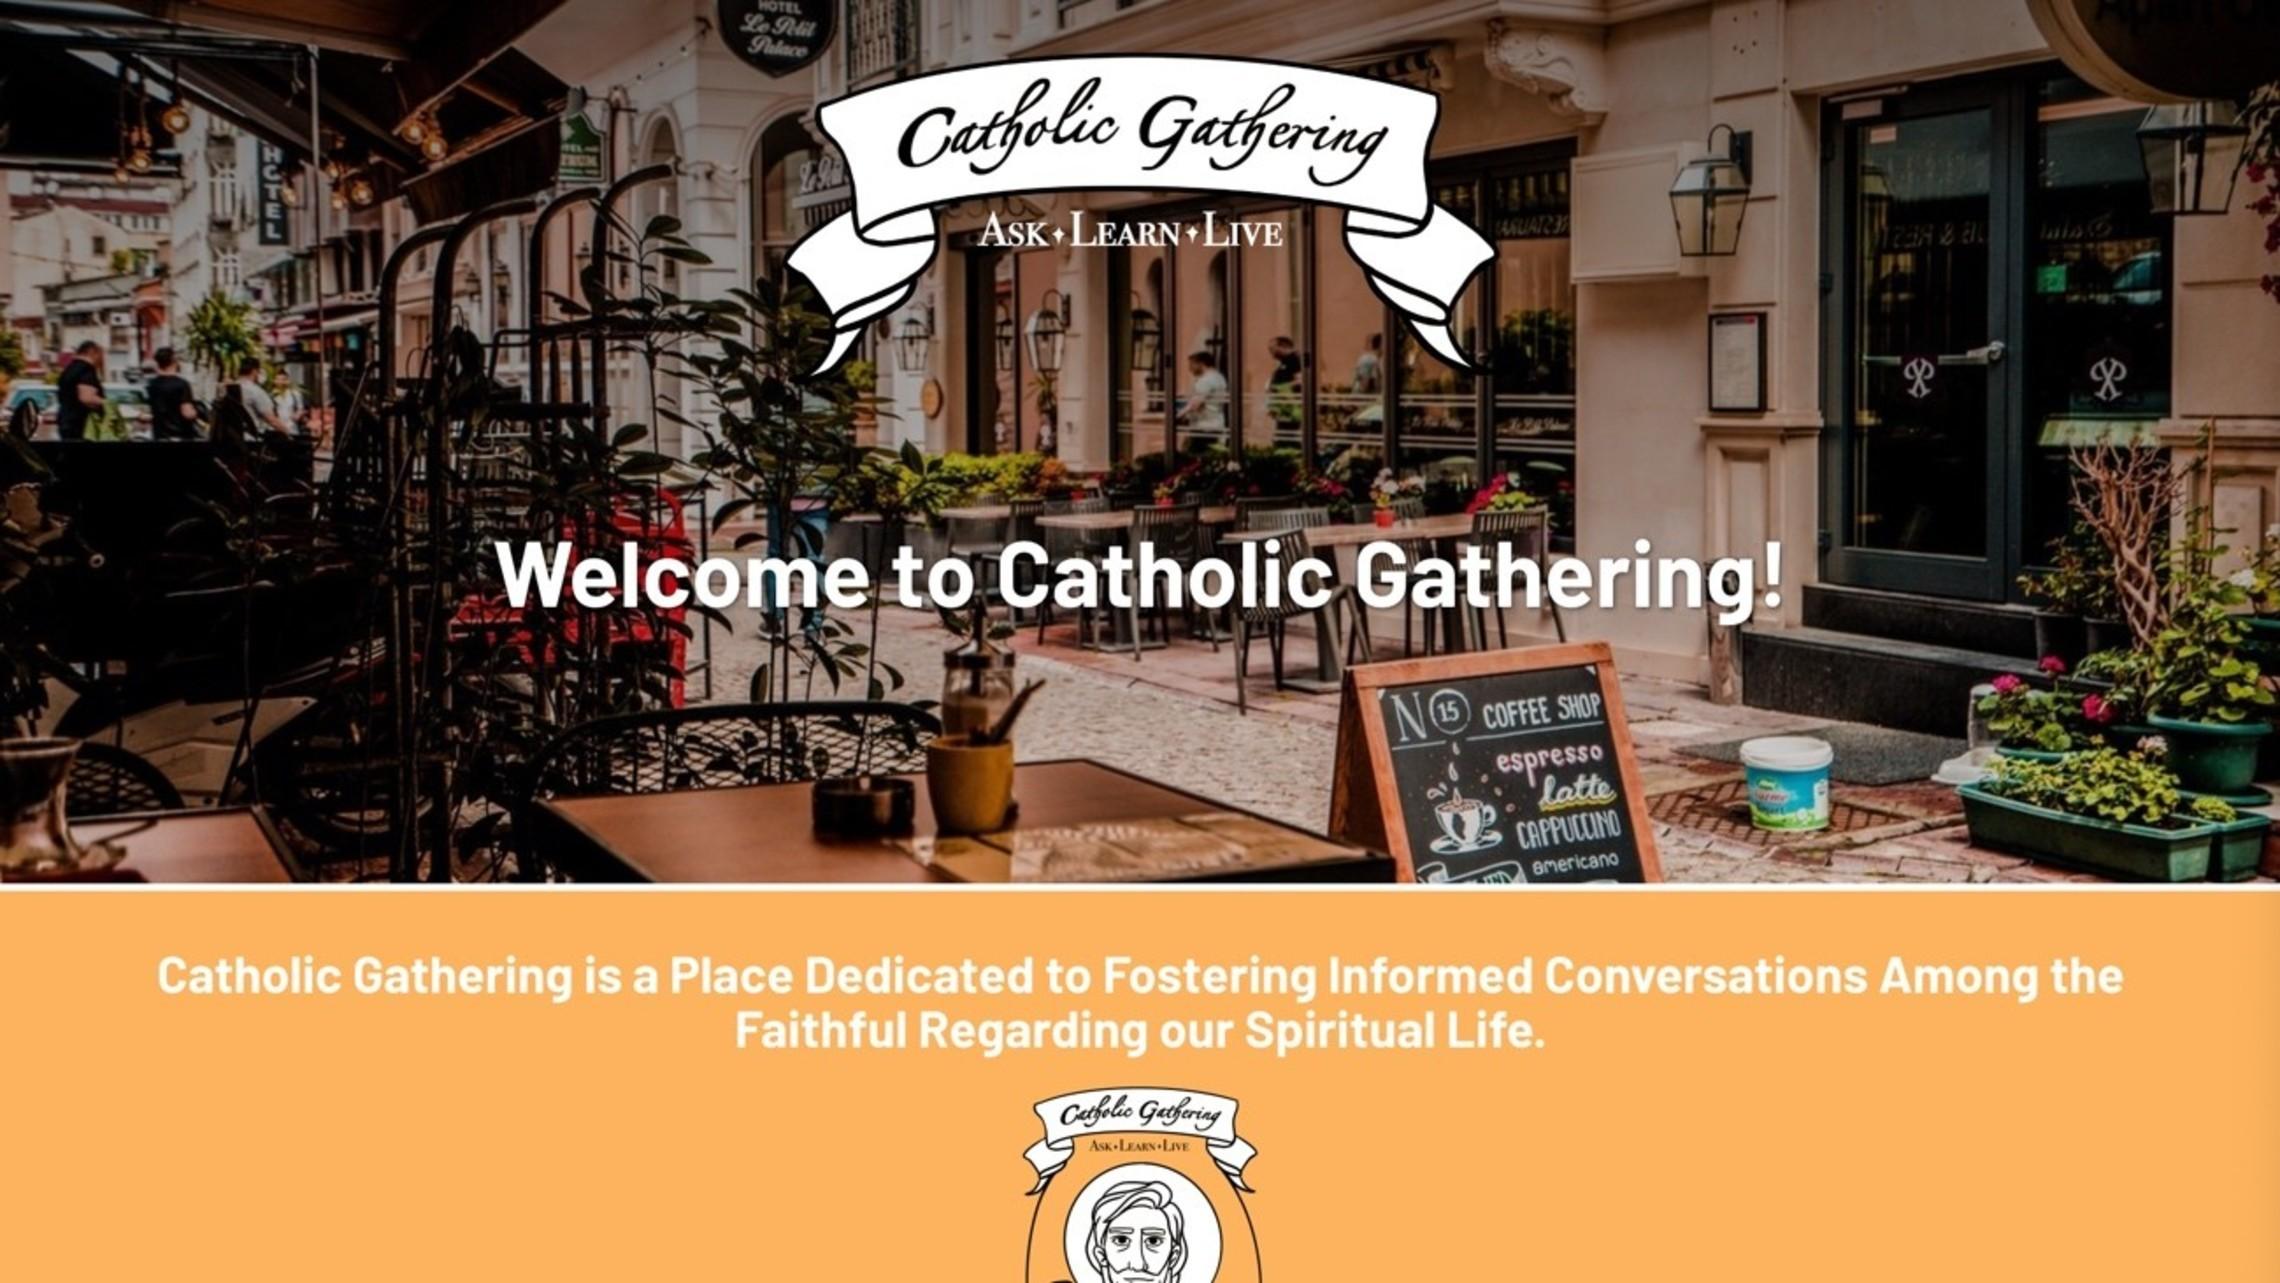 Catholic Gathering